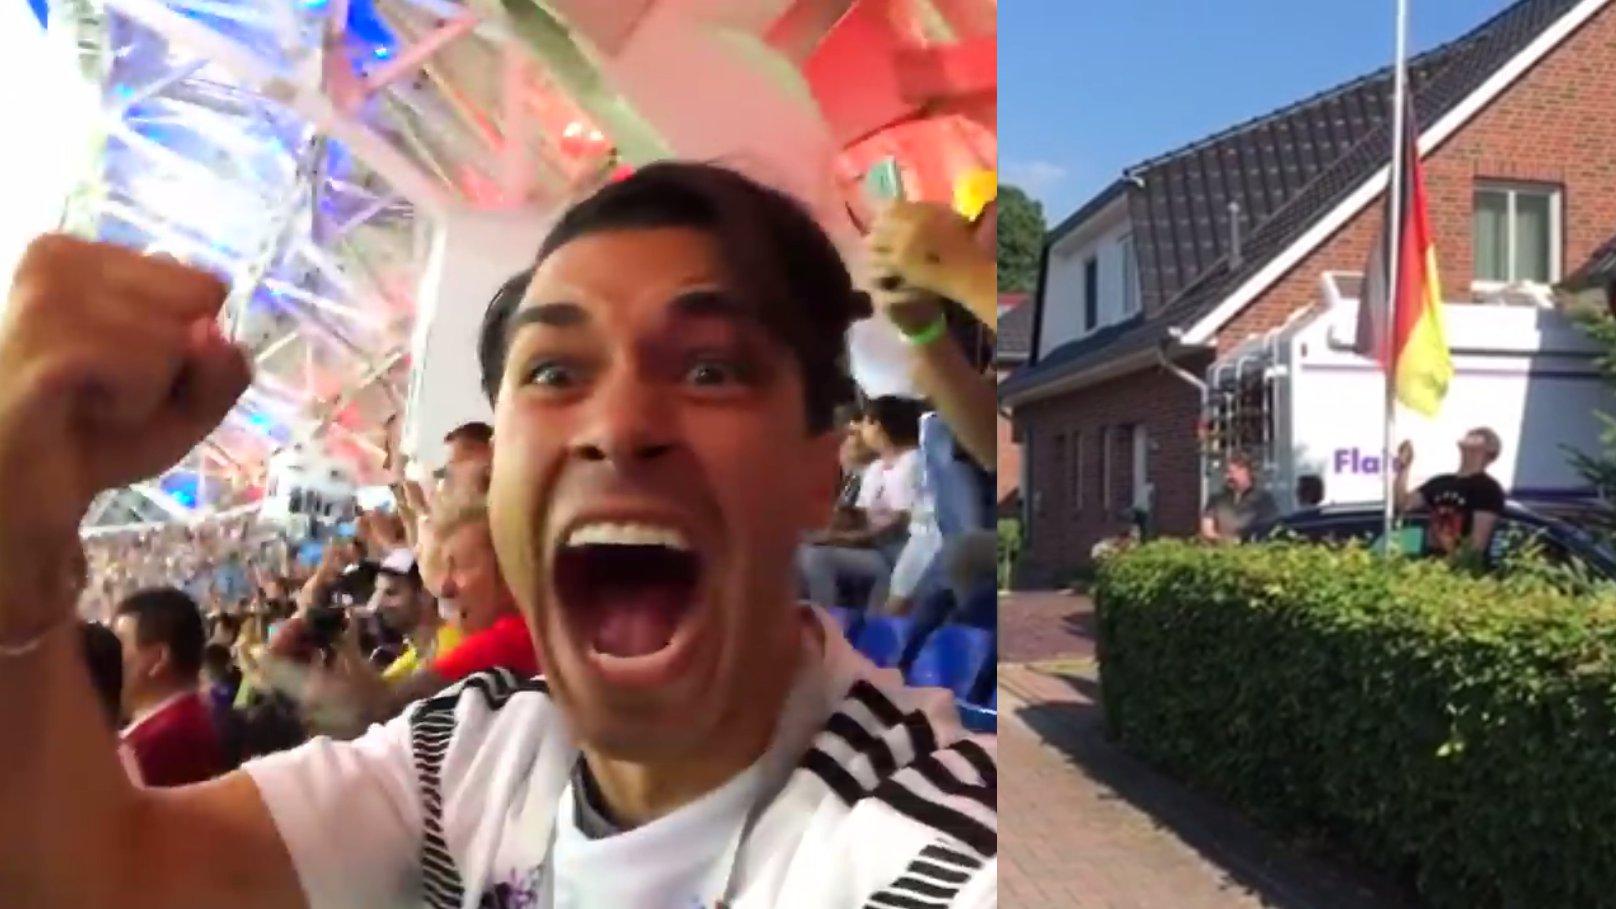 WM2018: Aus der Sicht von deutschen Fans